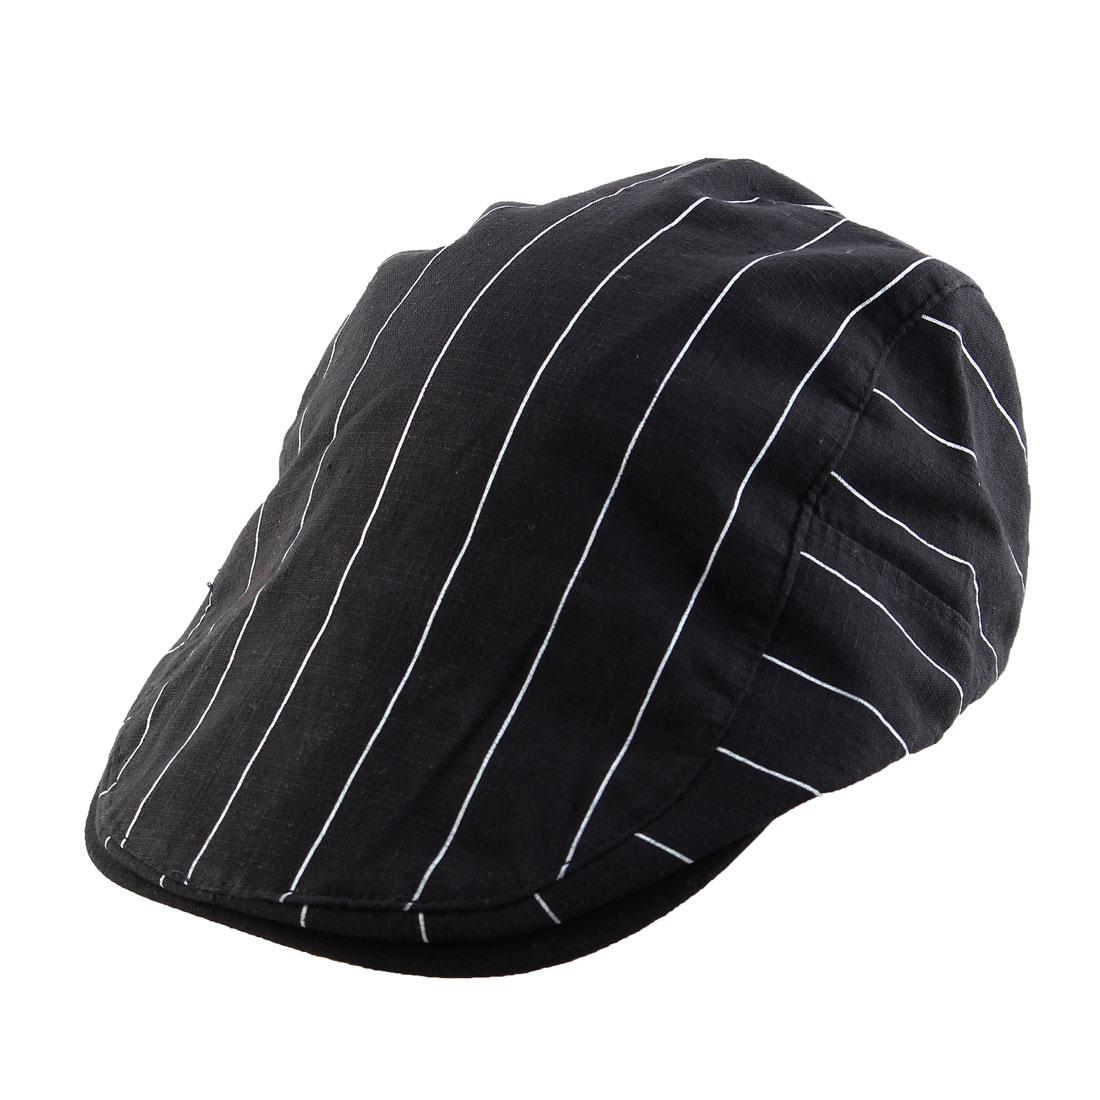 Summer-Sun-Newsboy-Duckbill-Ivy-Cap-Traveling-Driving-Golf-Casual-Flat-Beret-Hat